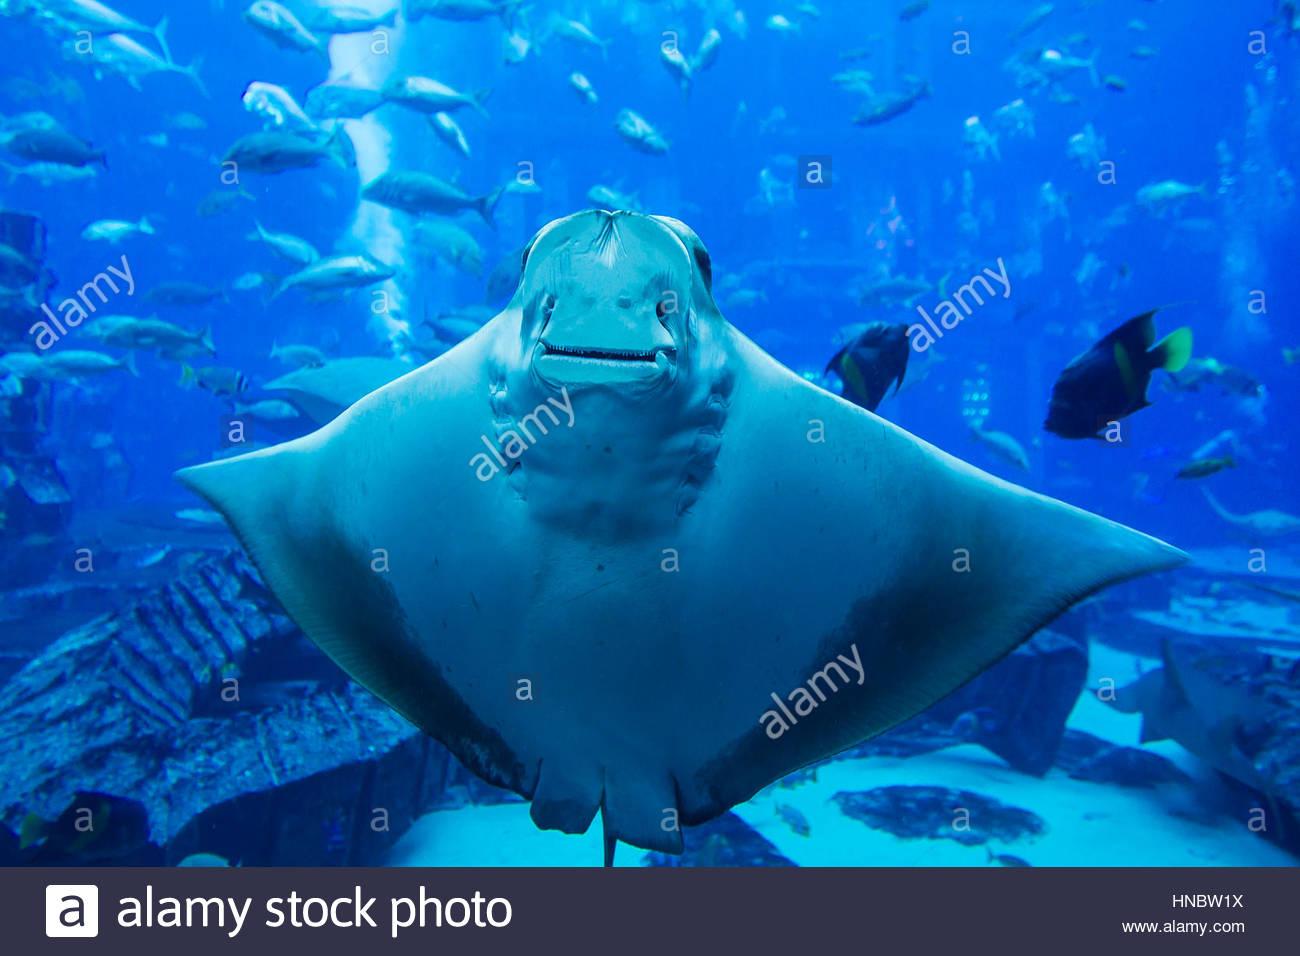 Nahaufnahme des Bauches ein Stachelrochen am Lost Chambers, ein Unterwasser-Meeresaquarium voller Meeresleben im Stockbild